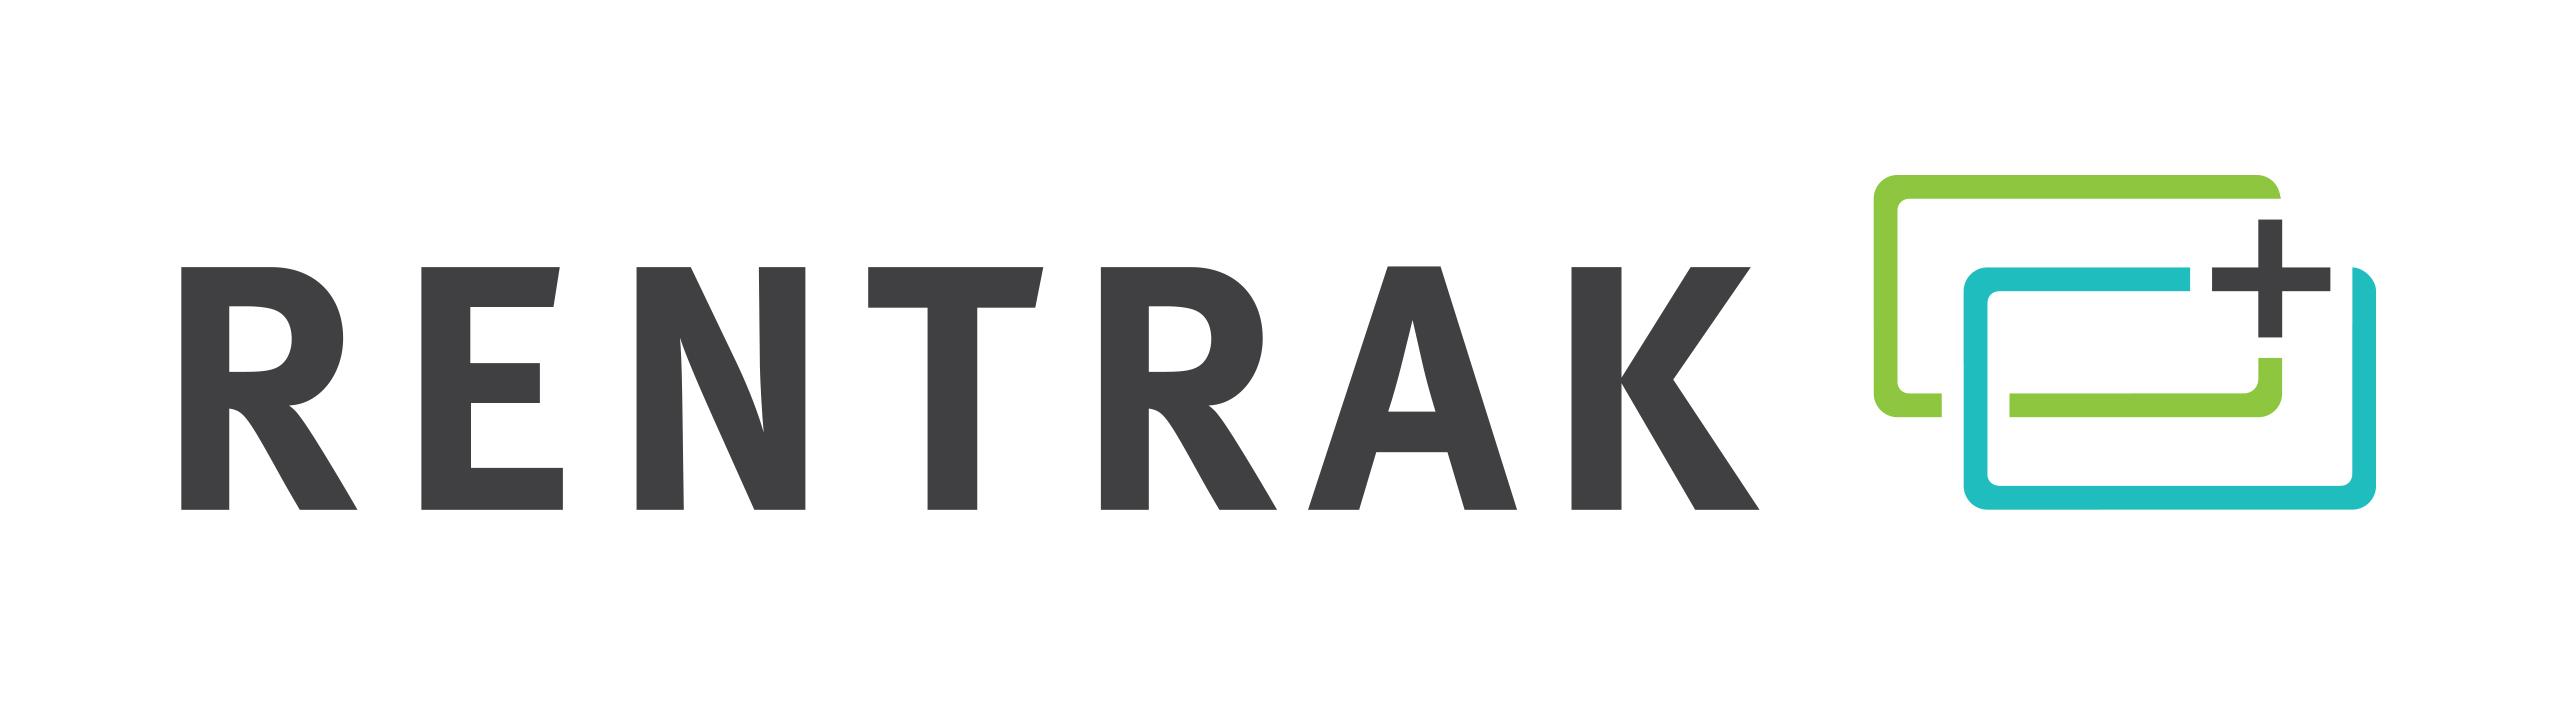 Rentrak Corporation (RENT)